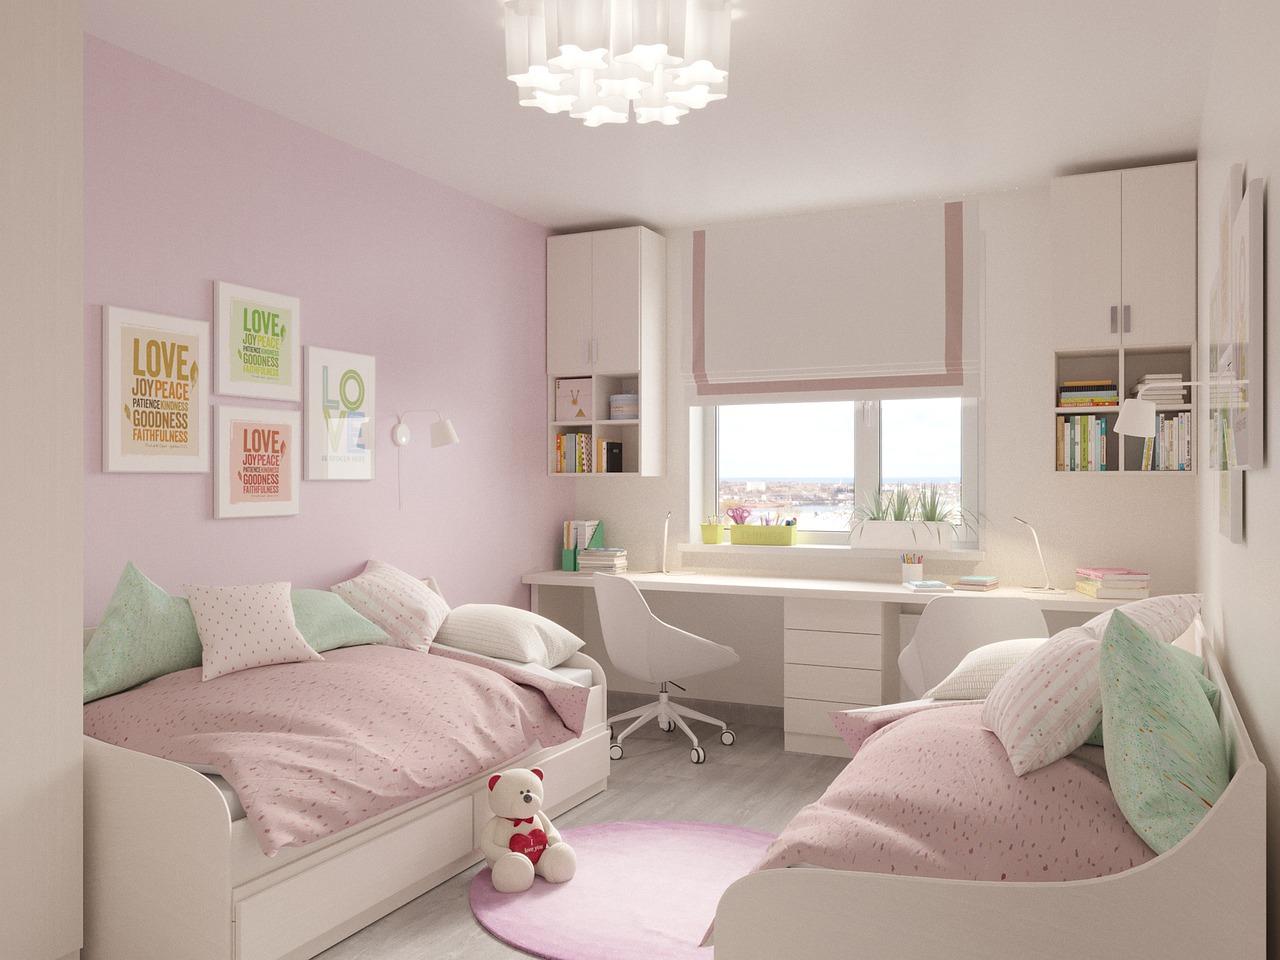 Comment d corer une chambre d 39 enfant partag e - Comment peindre une chambre d enfant ...